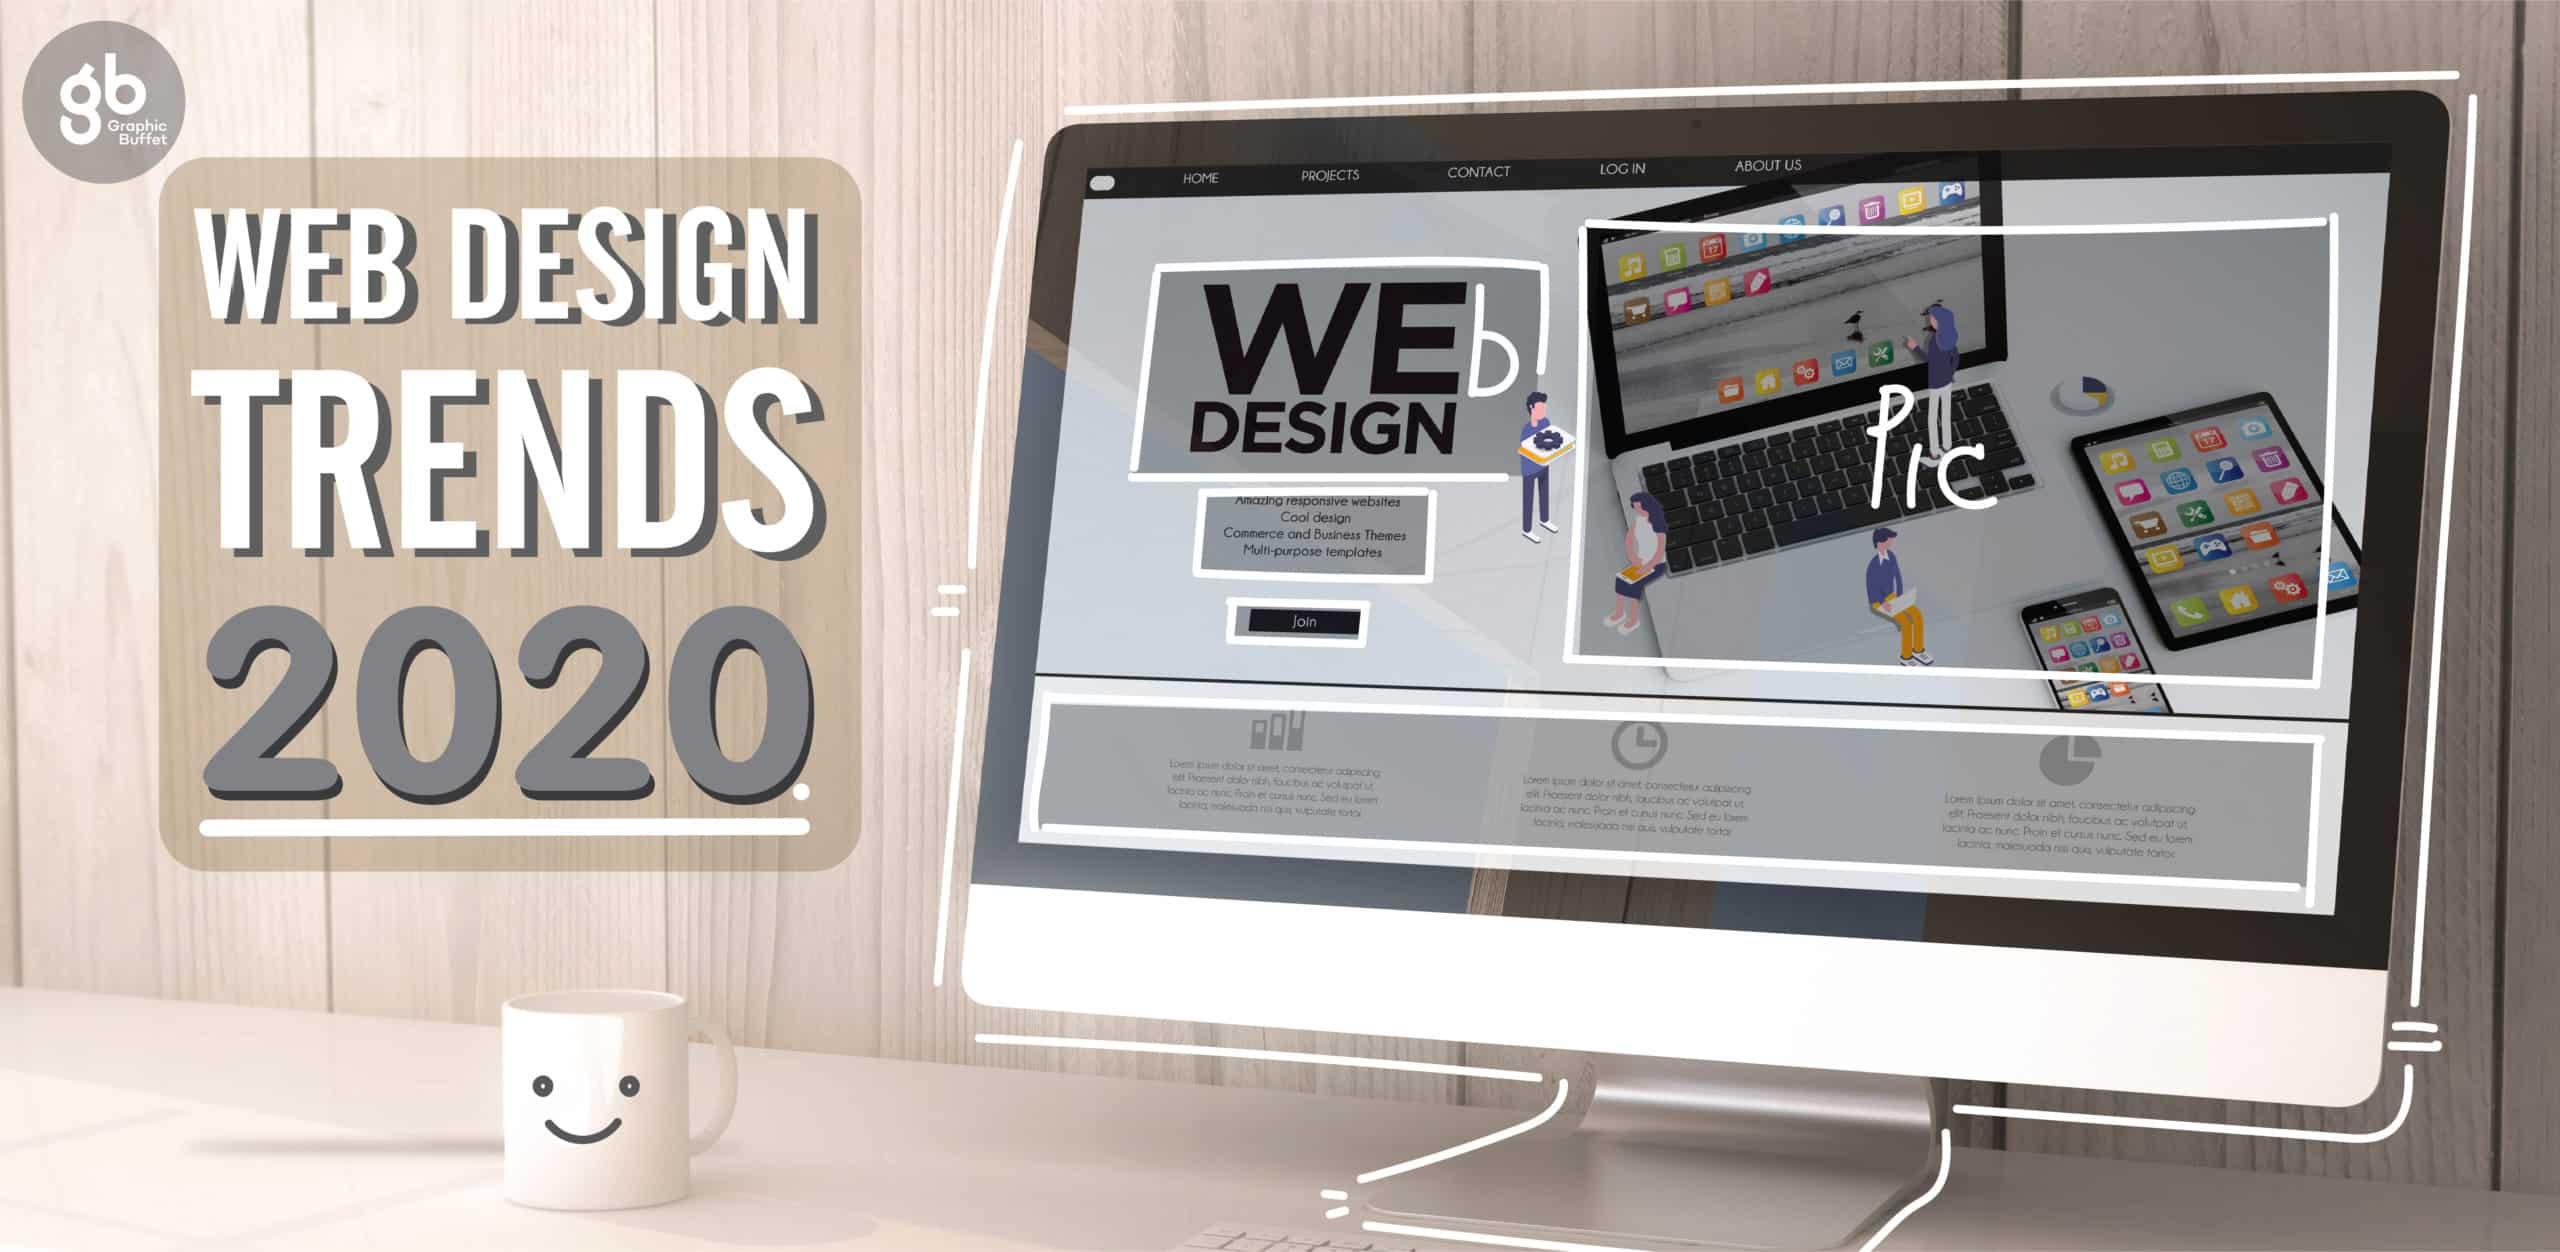 เทรนด์การออกแบบเว็บ 2020